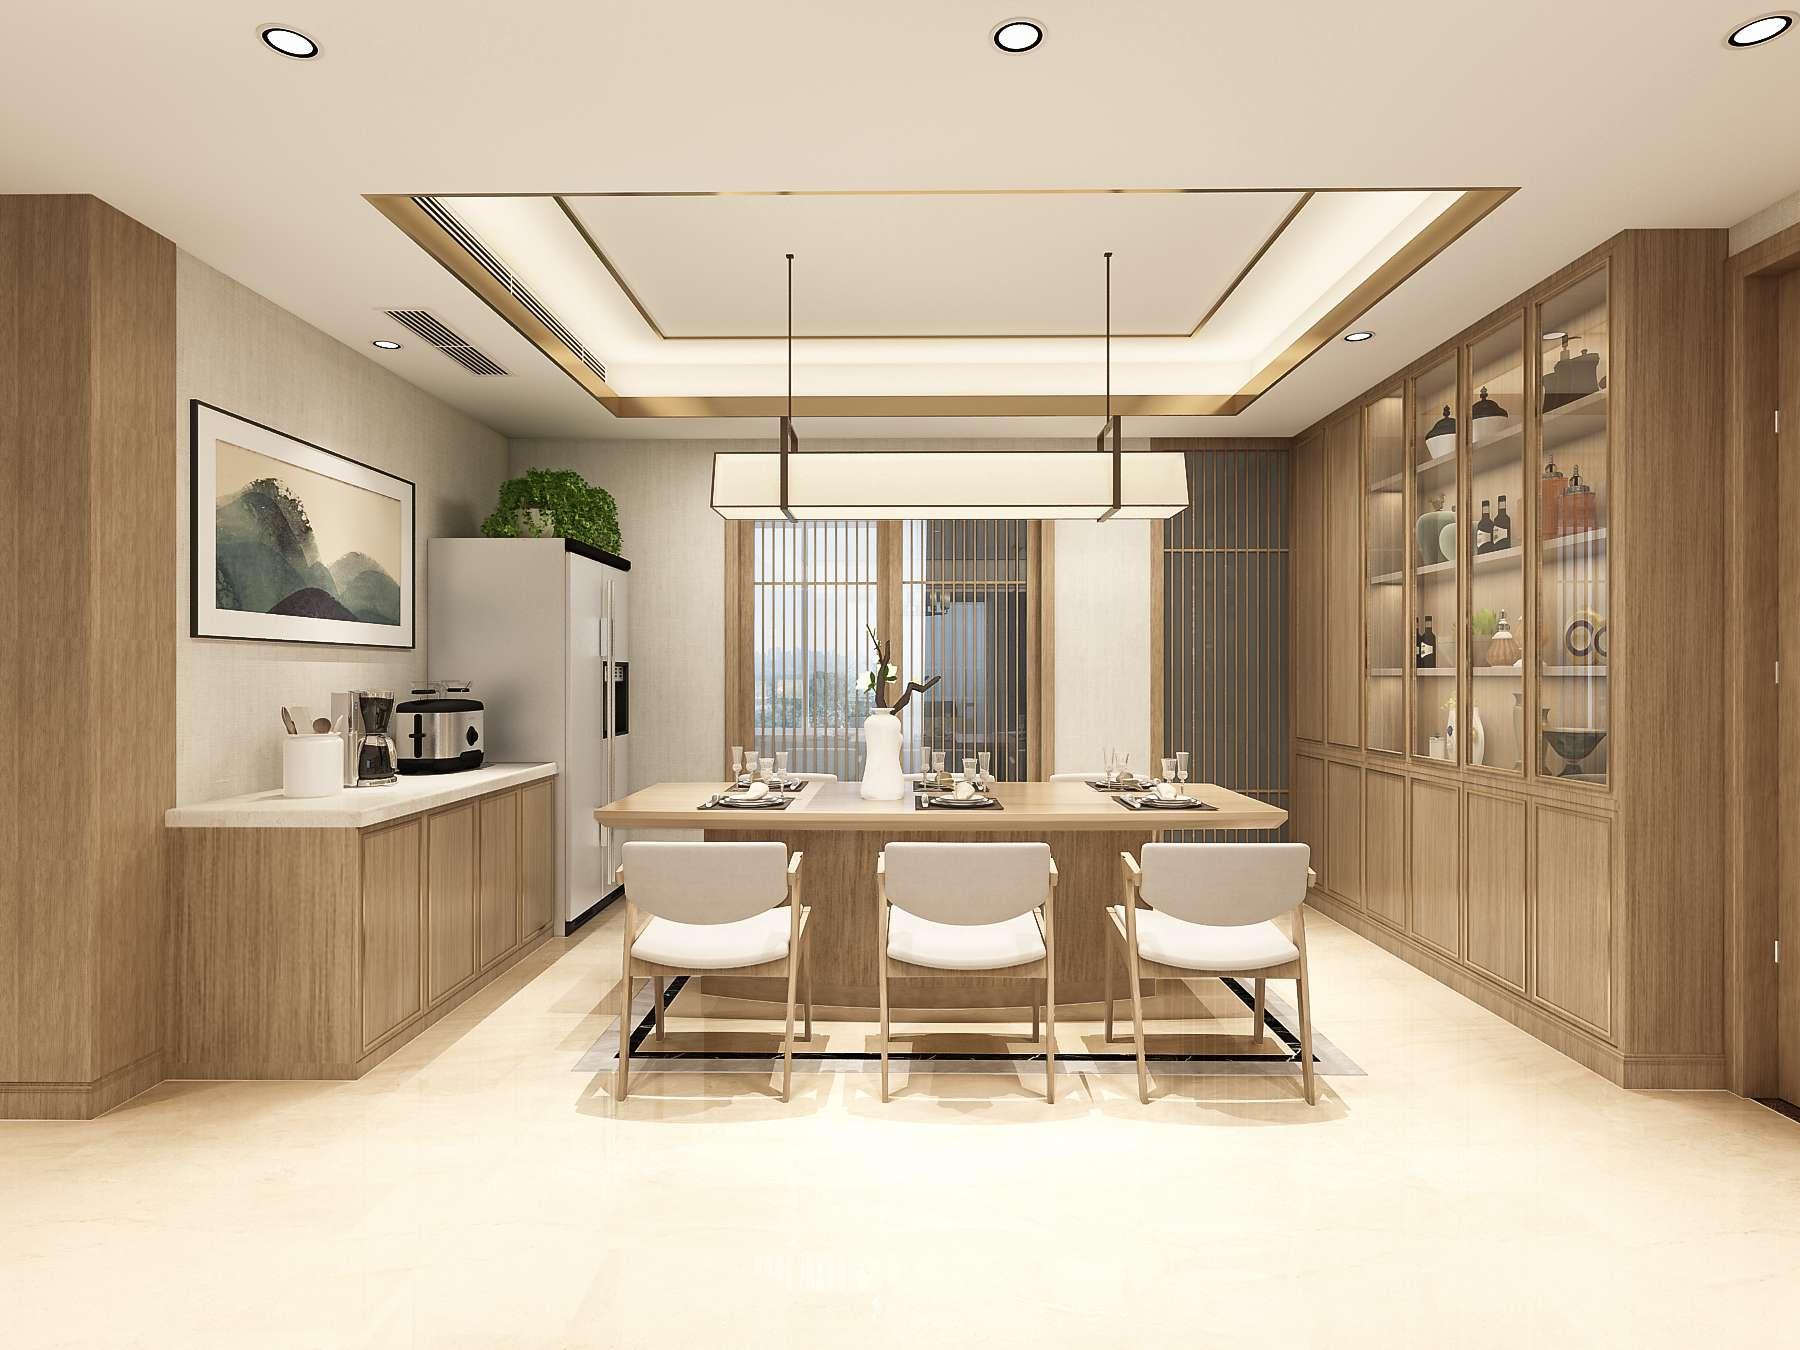 新中式风格的装修元素大多取自于传统中式风格,所以与其它的风格有很大的不同,新中式风格与其它装修风格营造的氛围也是有很大区别的,每一种装修风格都有其独特的特点,用以来满足不同客户的不同装修需求。